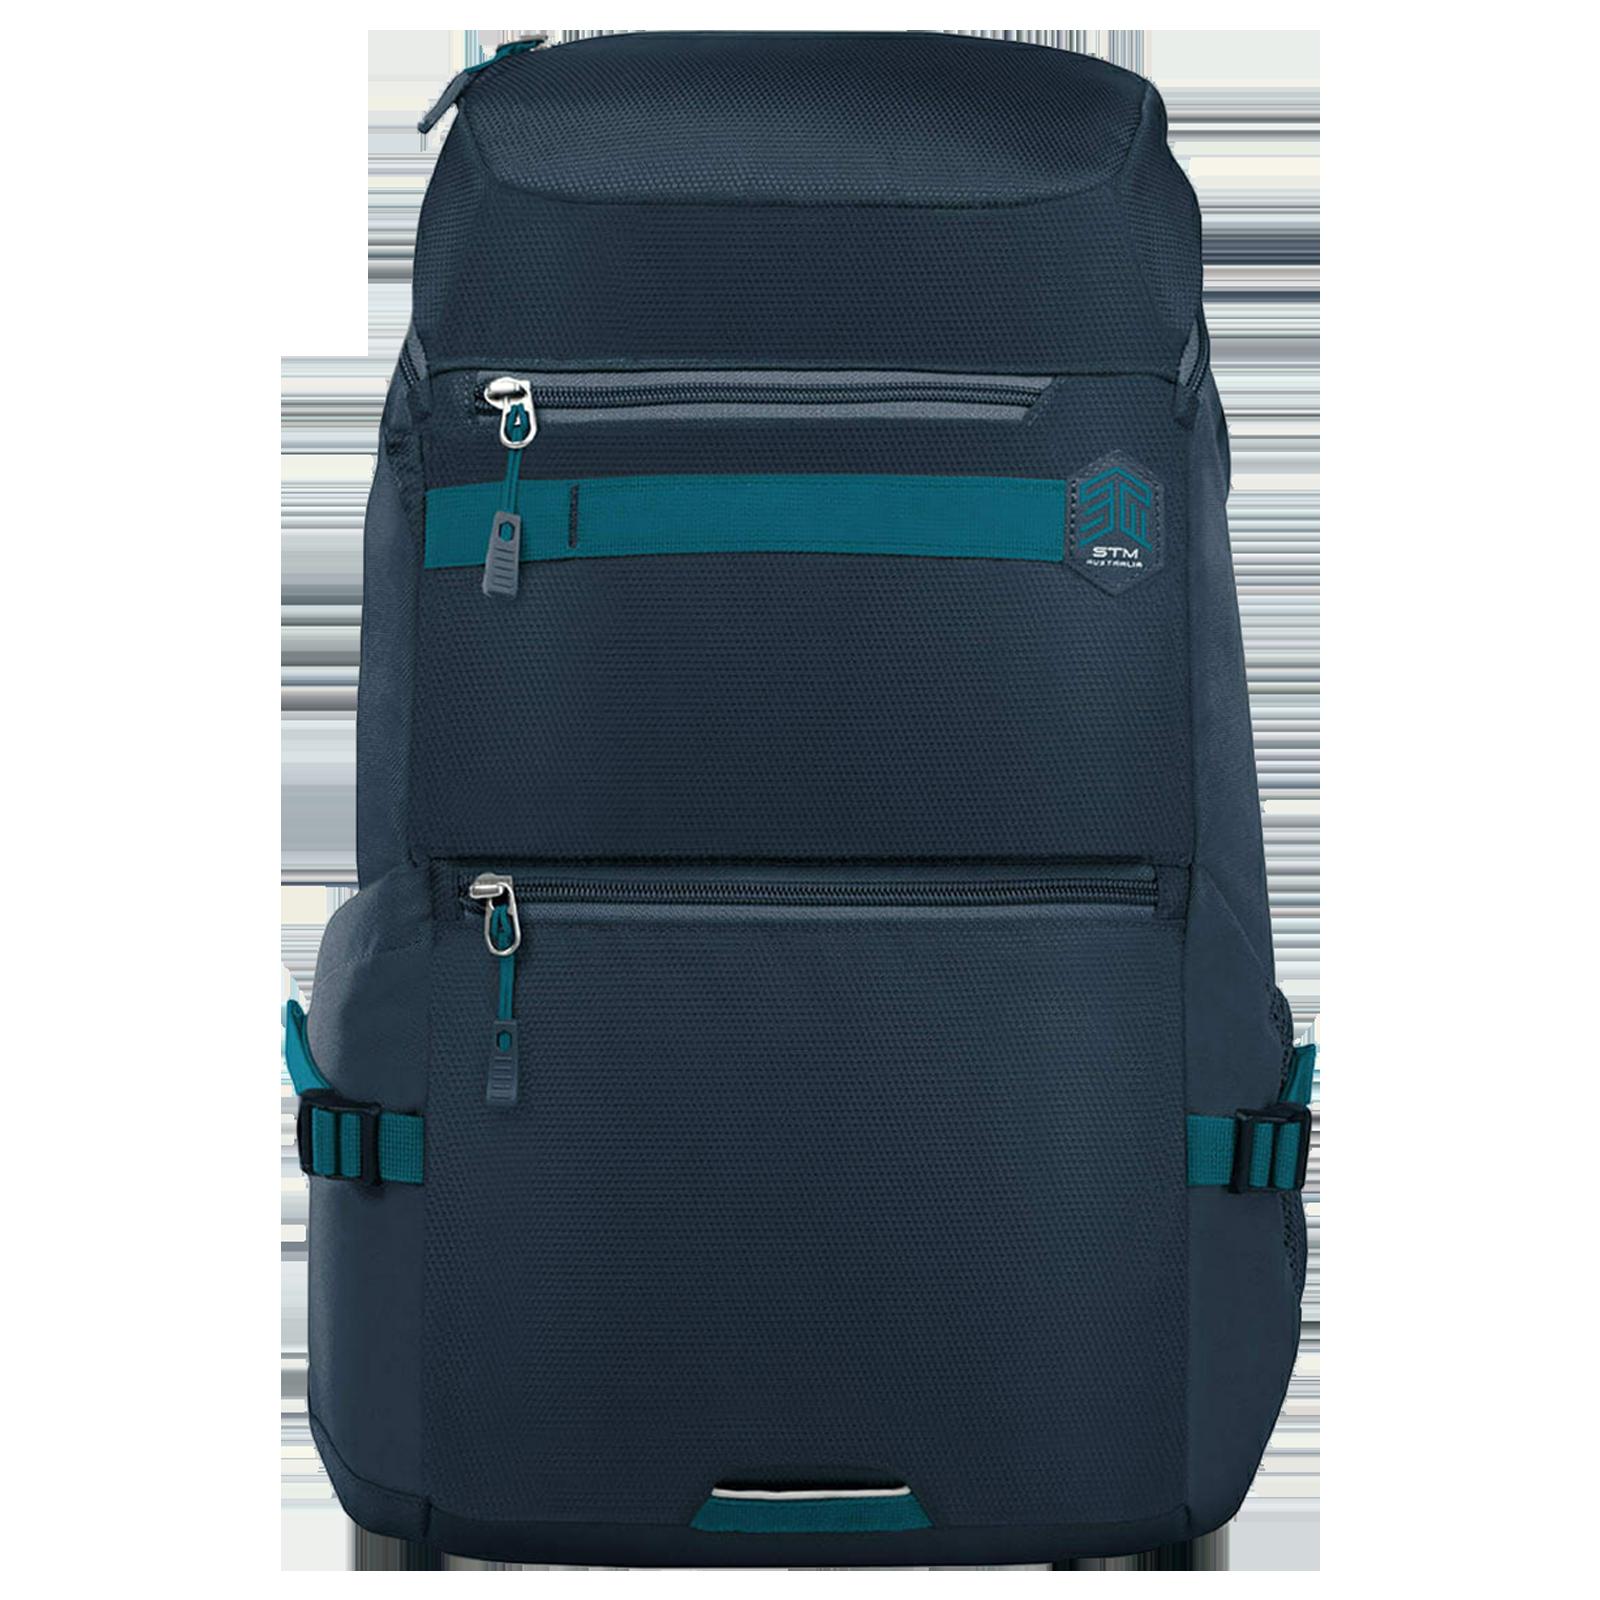 STM Drifter 18 Litres Polyester Backpack for 15 Inch Laptop (3D Foam Mesh Back Panel, STM-111-192P-02, Dark Navy)_1